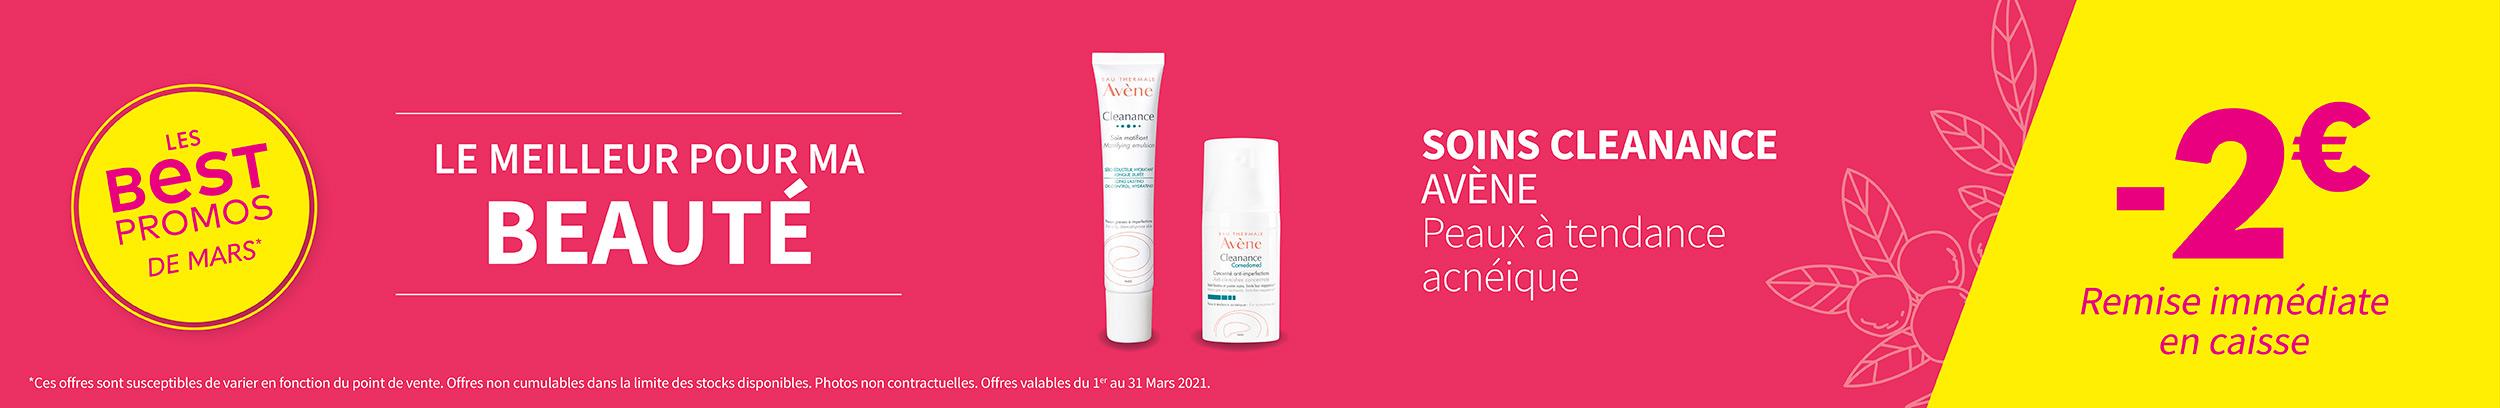 SOINS CLEANANCE - AVÈNE / Peaux à tendance acnéique